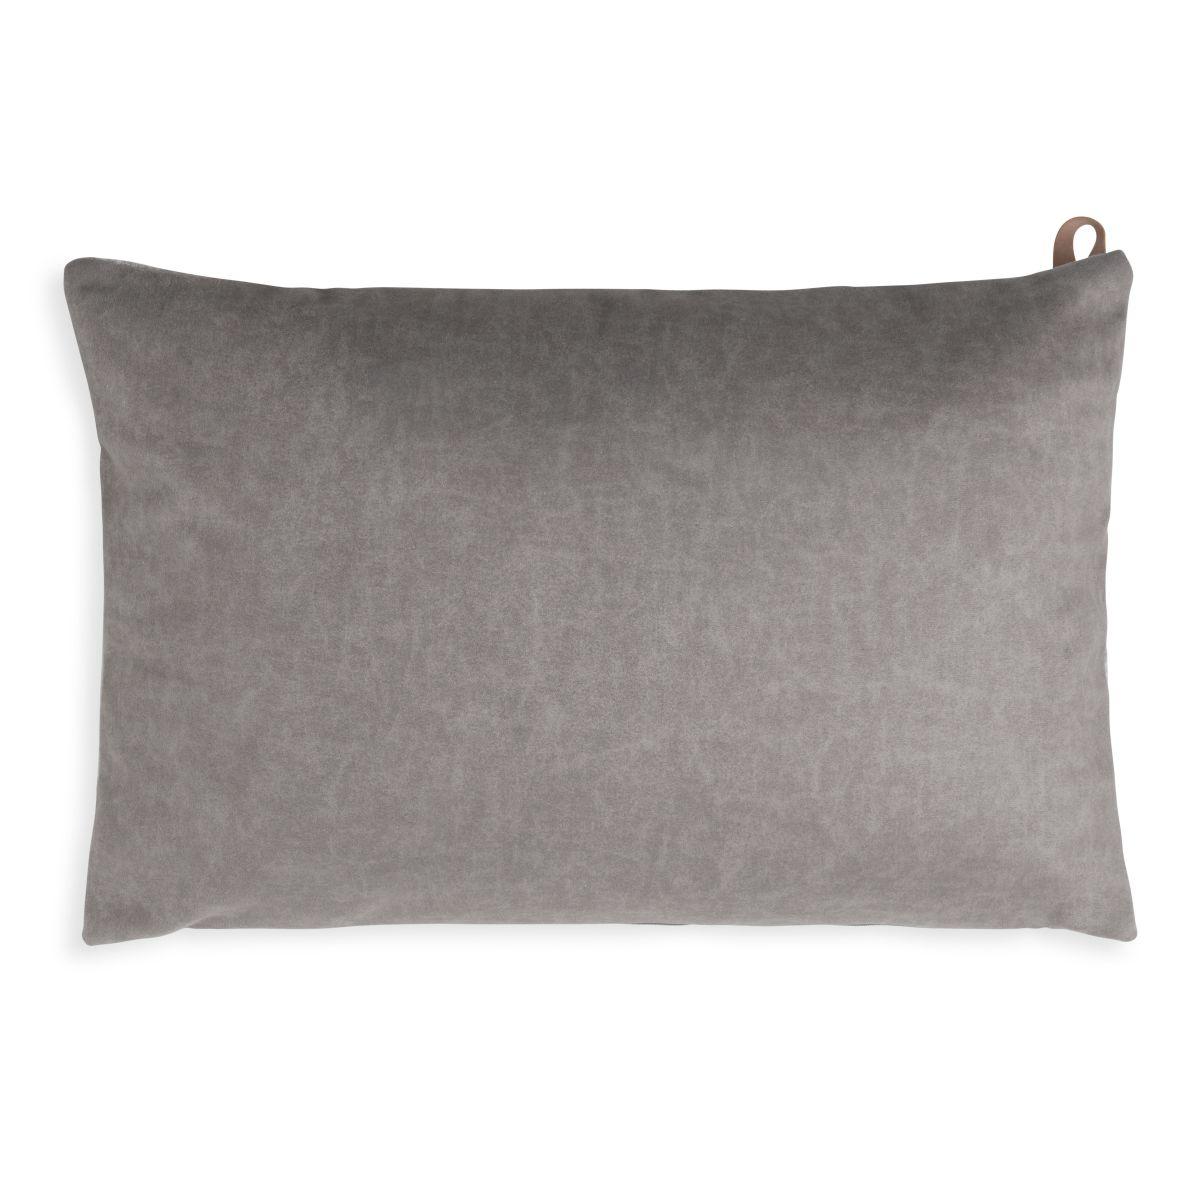 beau cushion light grey 60x40